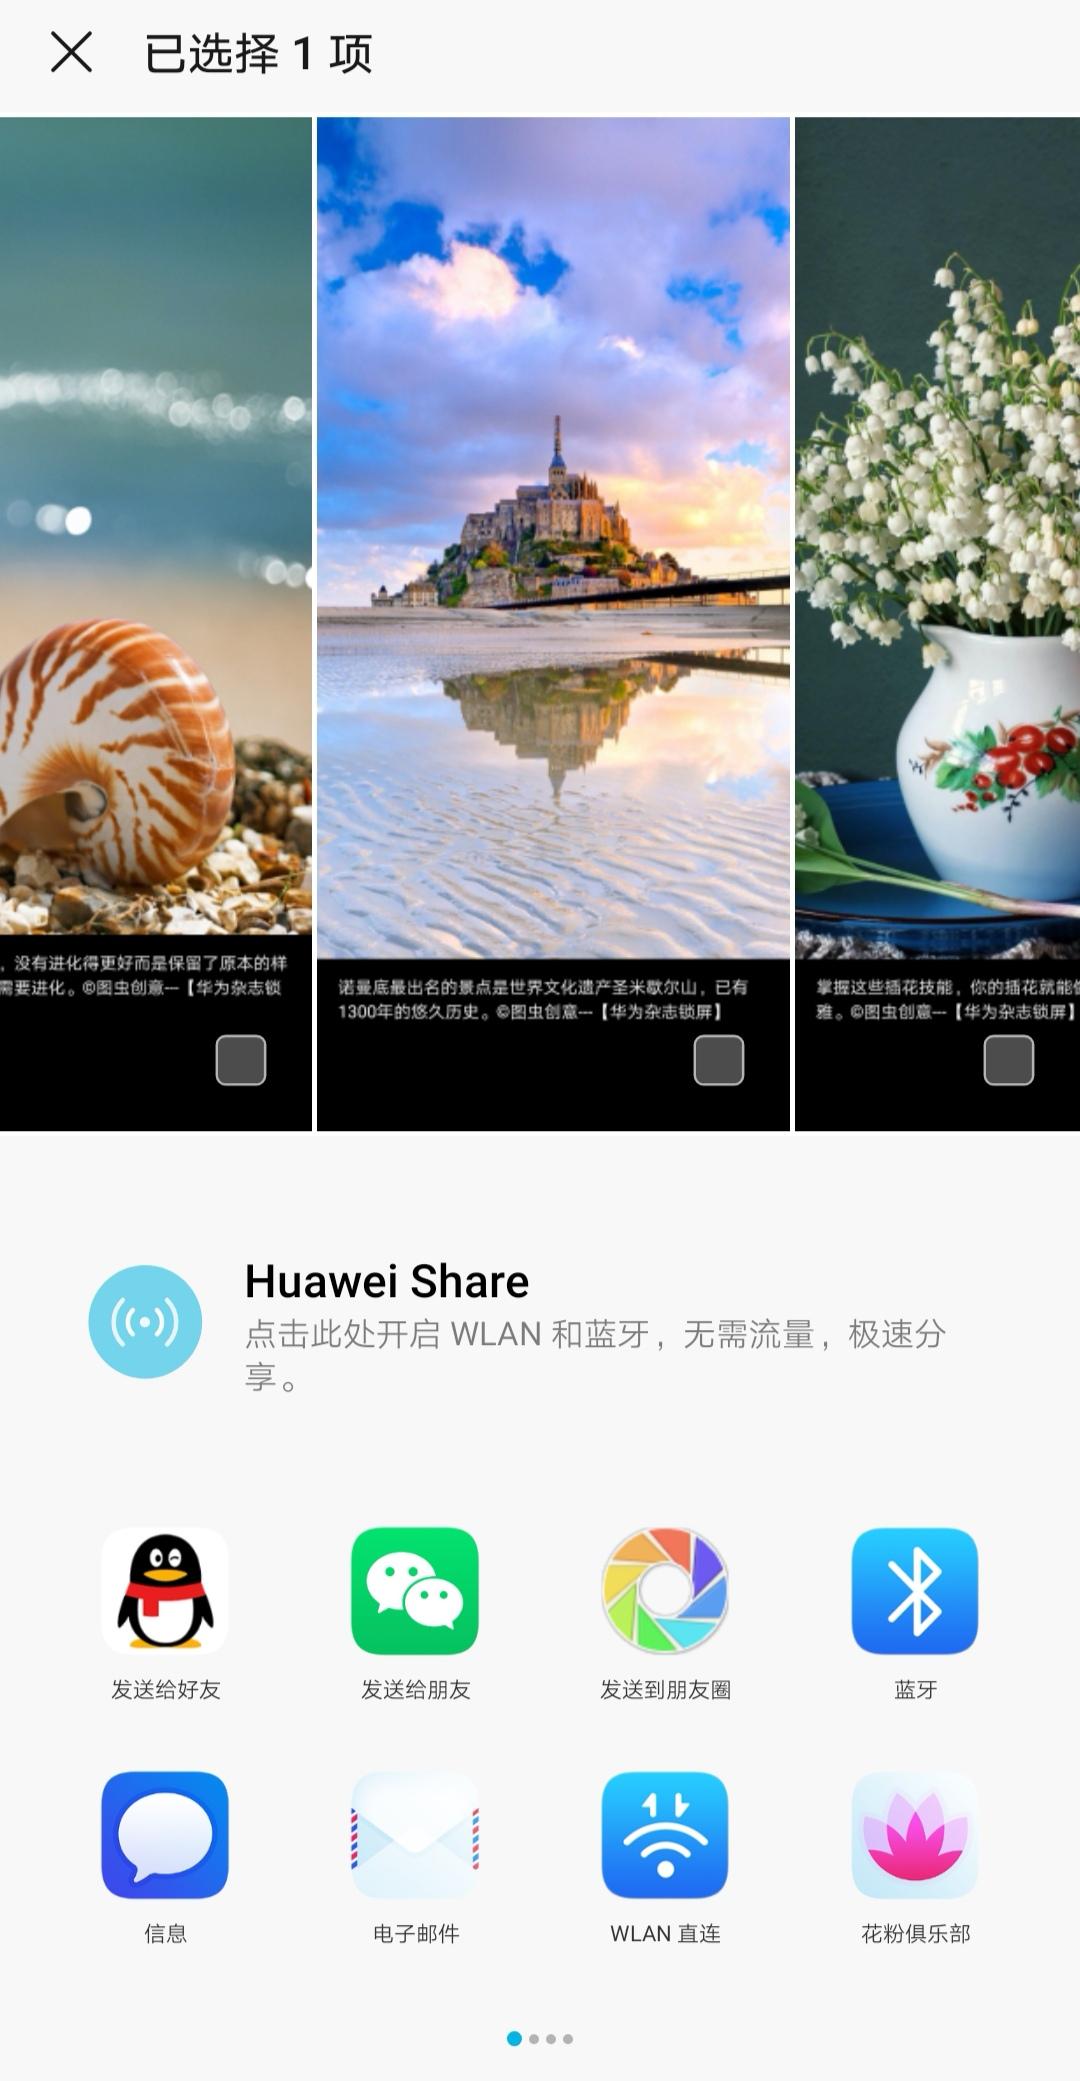 Screenshot_20190202_161321.jpg